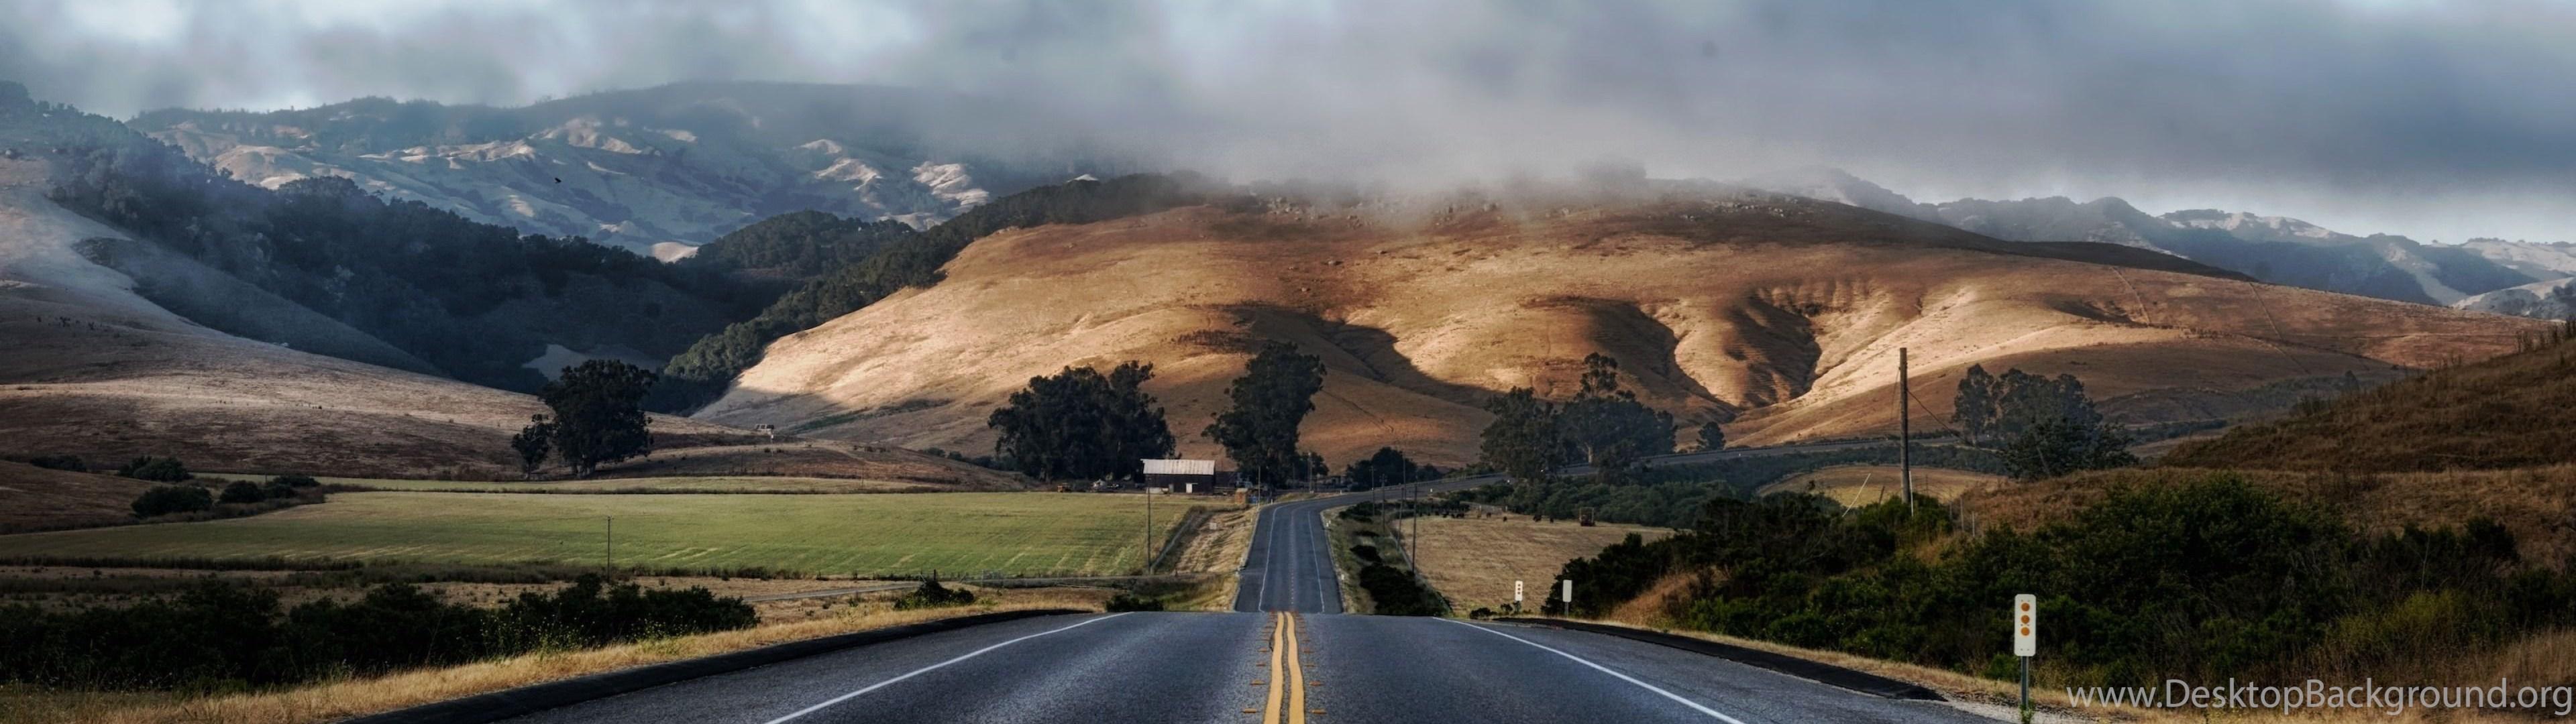 Empty road 4k ultra hd wallpapers 3840x2160 desktop background - 4k ultra hd wallpapers for desktop ...